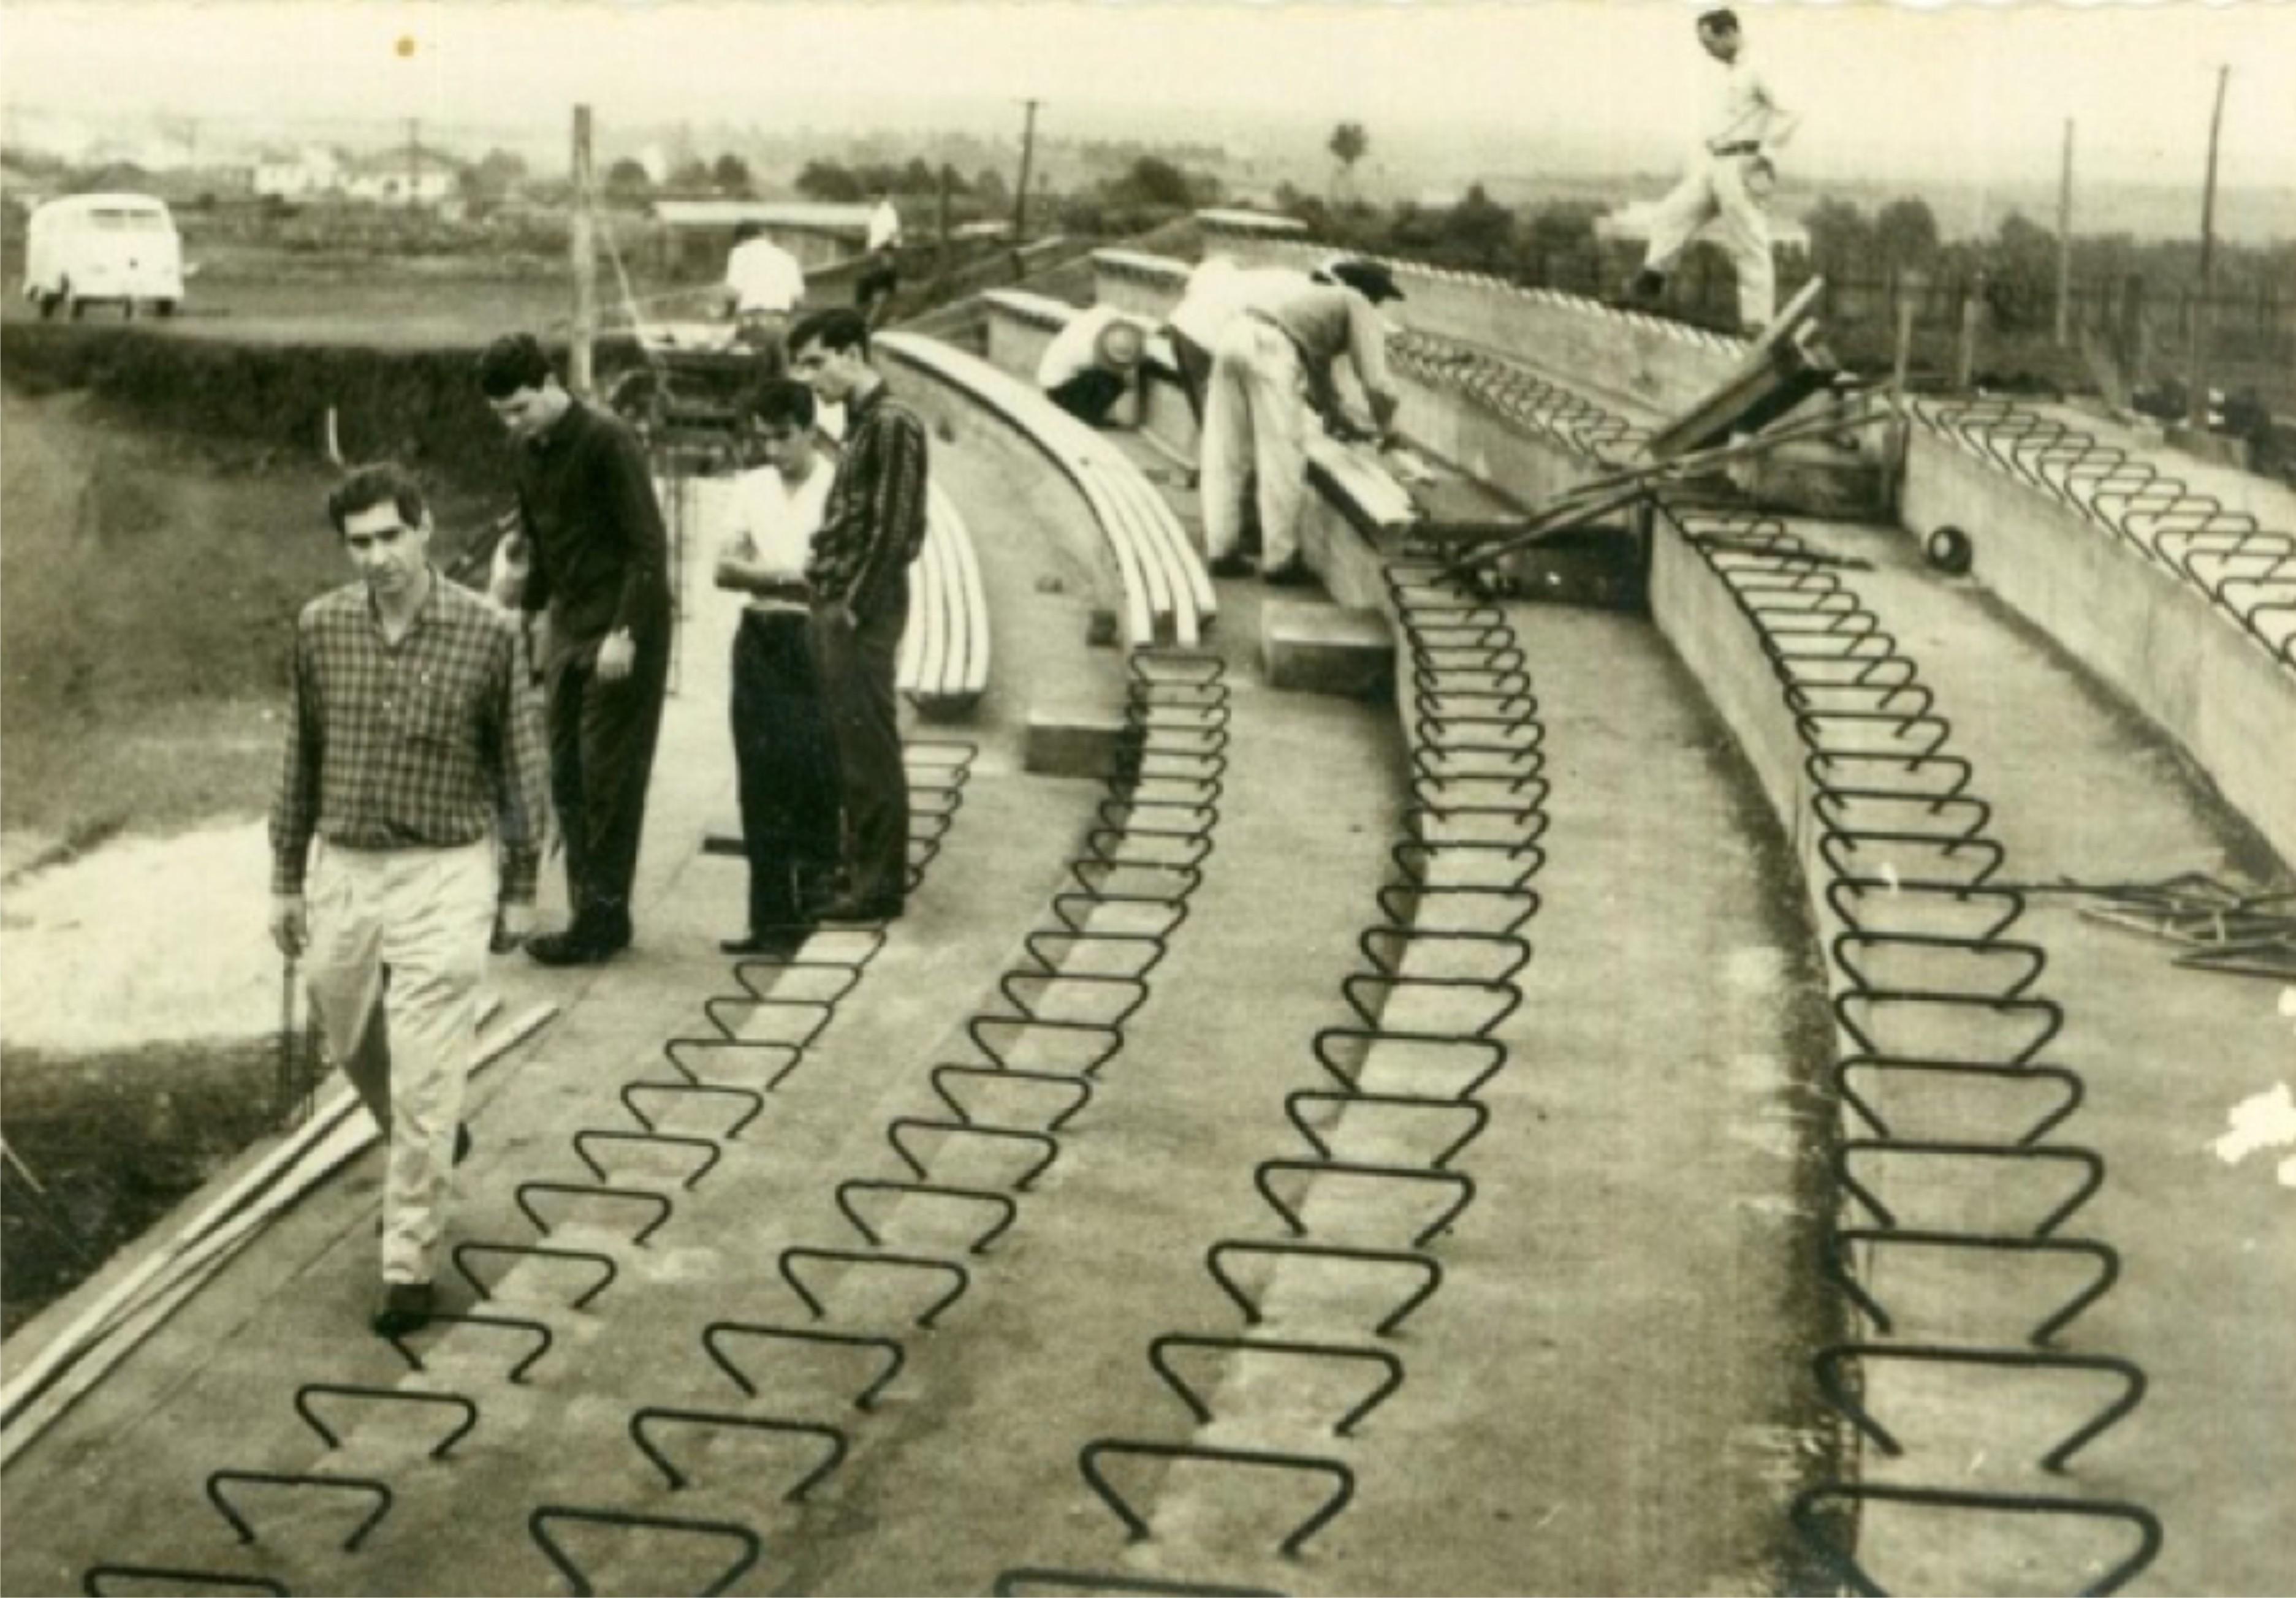 Construção das arquibancadas no Willie Davids - 1961